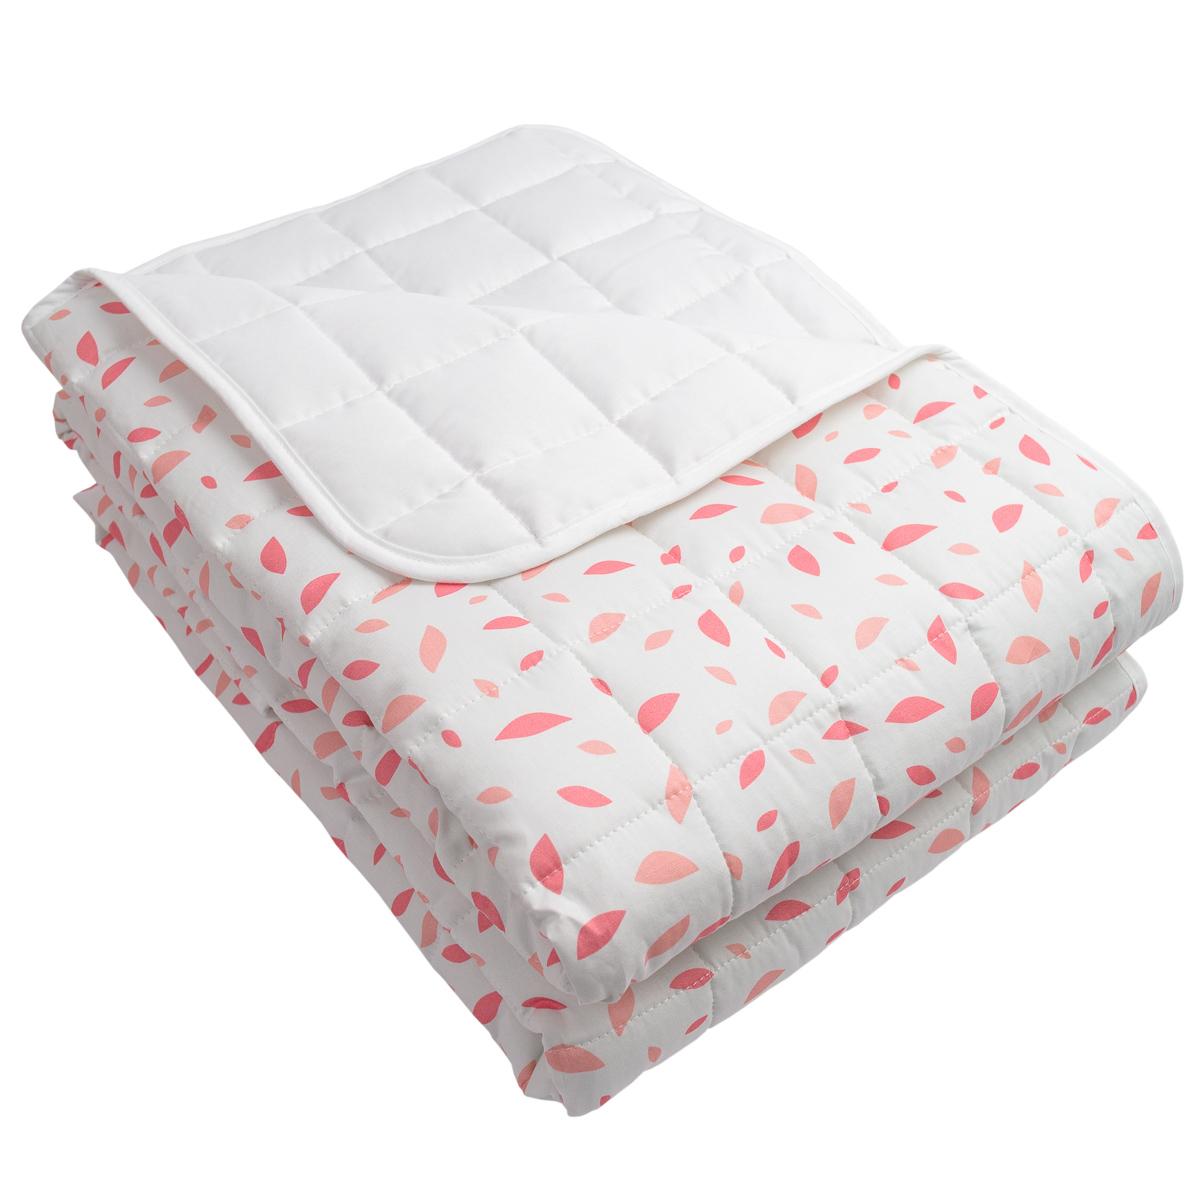 Colcha Dupla Face Chão De Folhas Rosa E Branco (cobre leito)